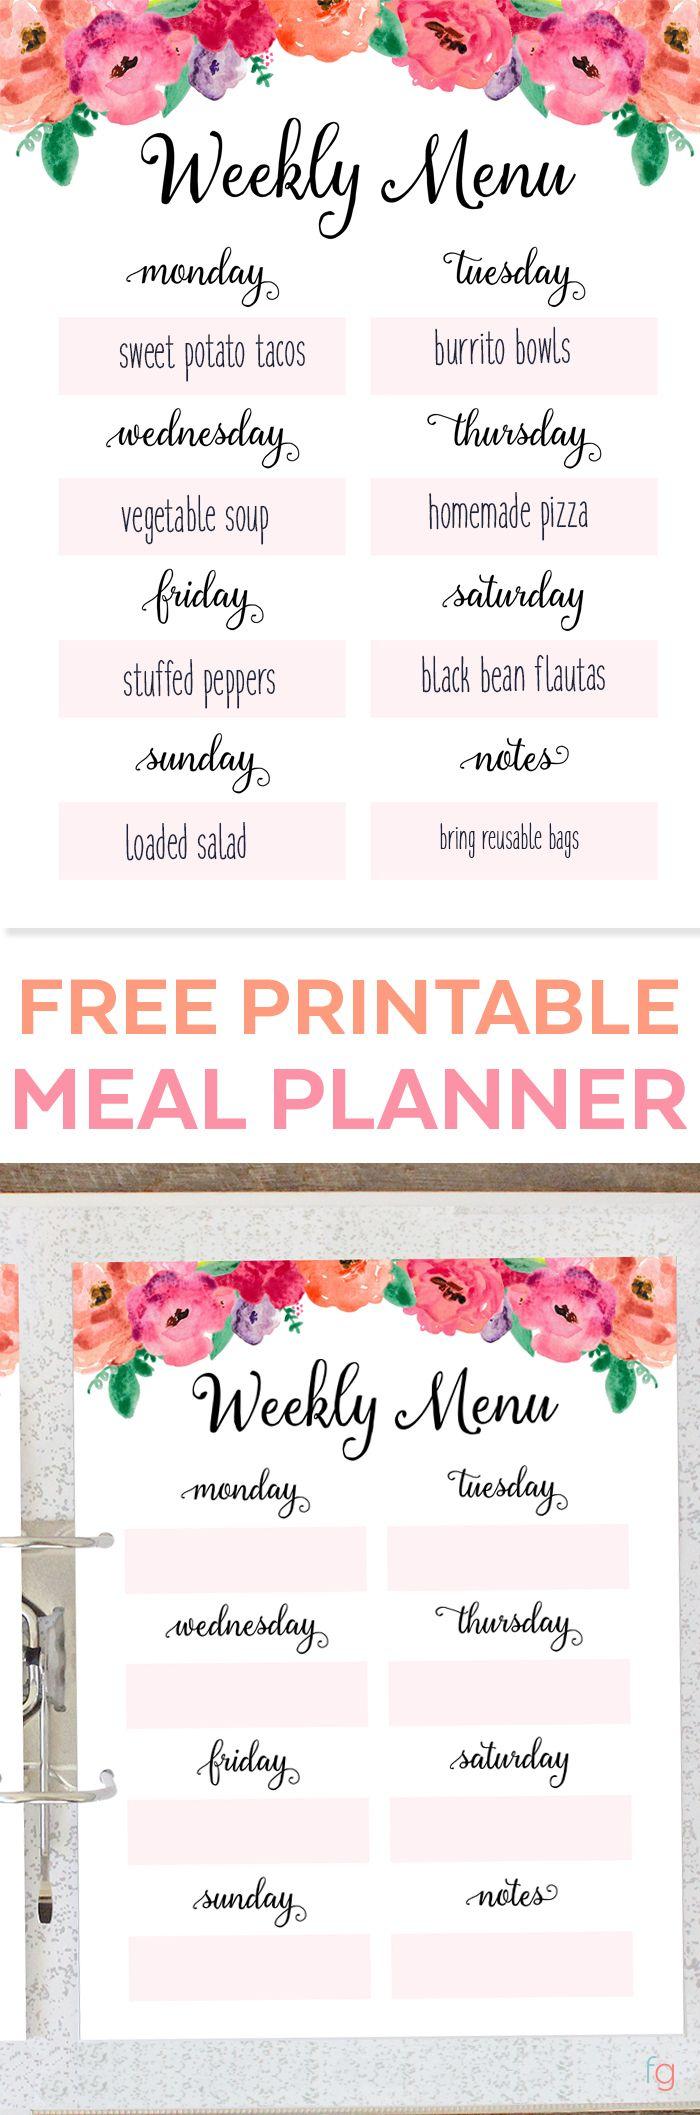 Weekly Meal Plan Printable Free Printable Weekly Meal Planner - Menu Plan Printable - Menu Planning Printable - Free Printables for Home - Organizing - Organization Ideas via @frugalitygal